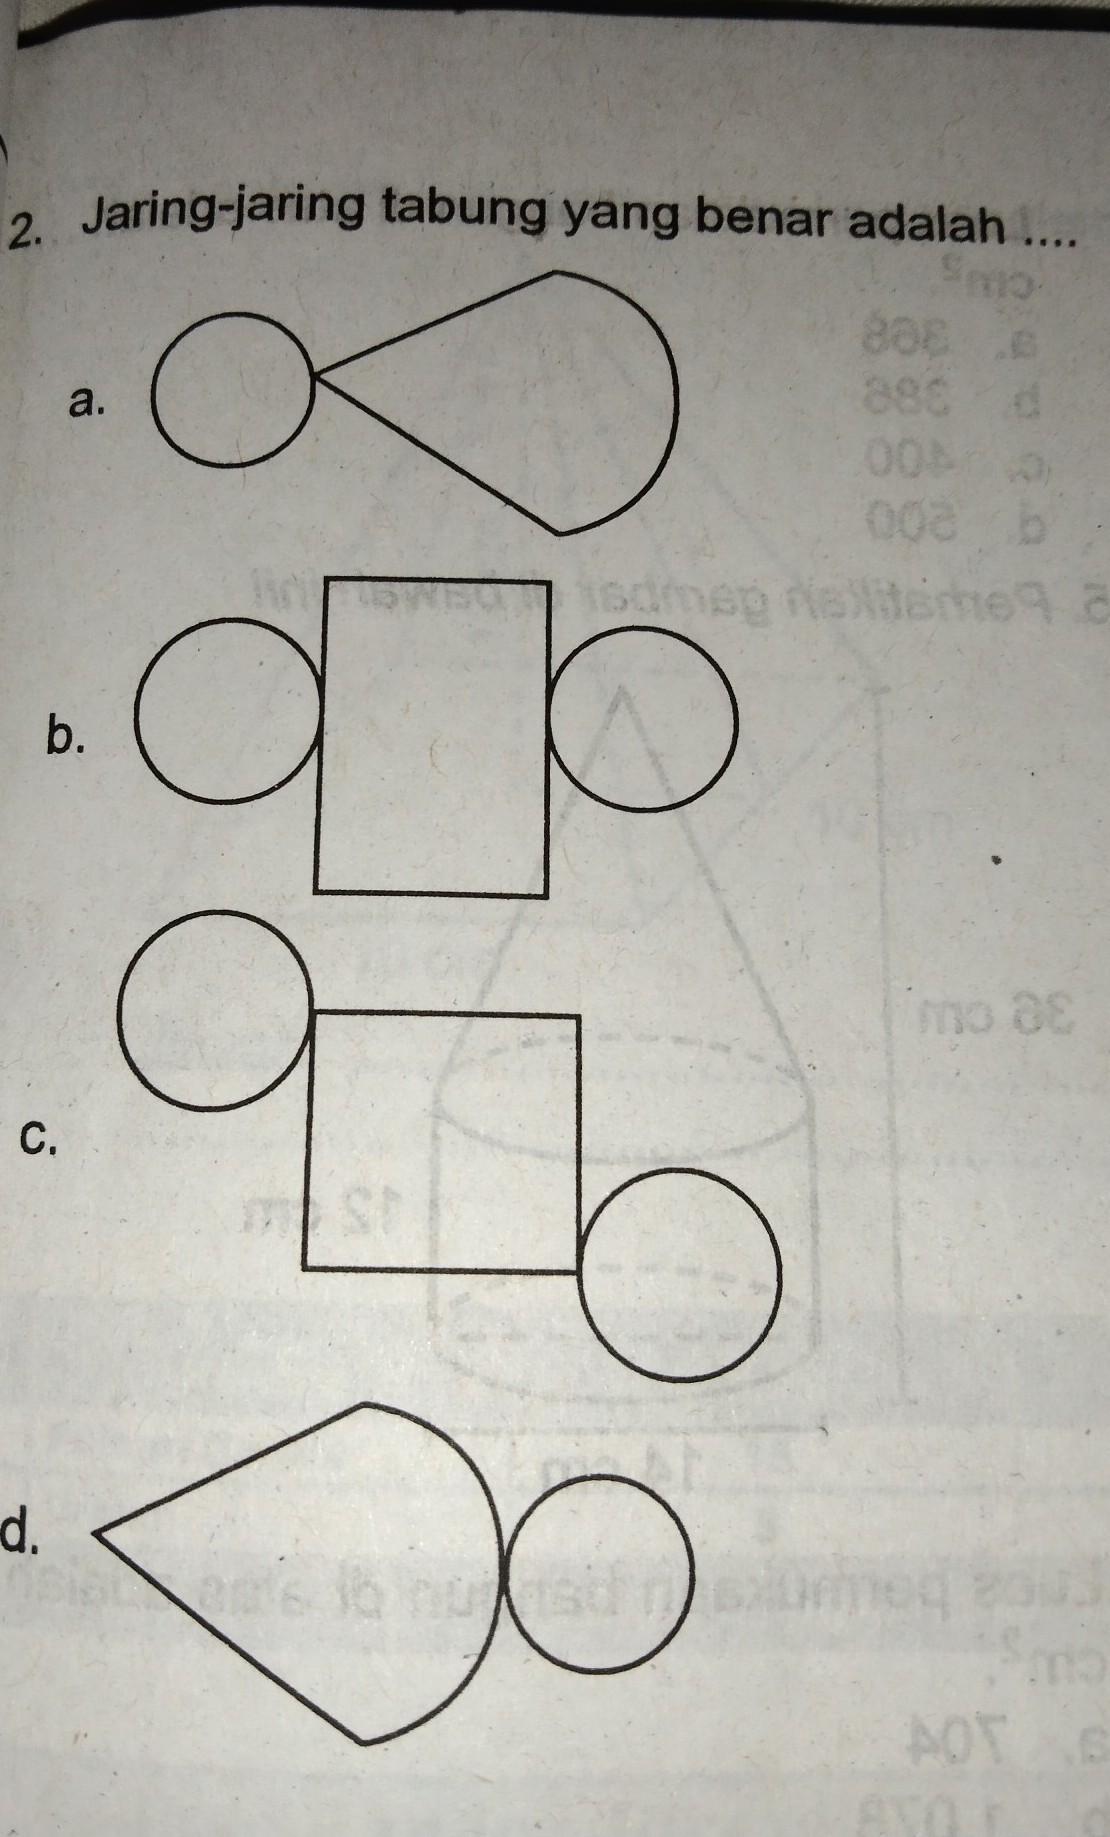 Jaring-jaring Tabung : jaring-jaring, tabung, Jaring-jaring, Tabung, Benar, Adalah..., Brainly.co.id